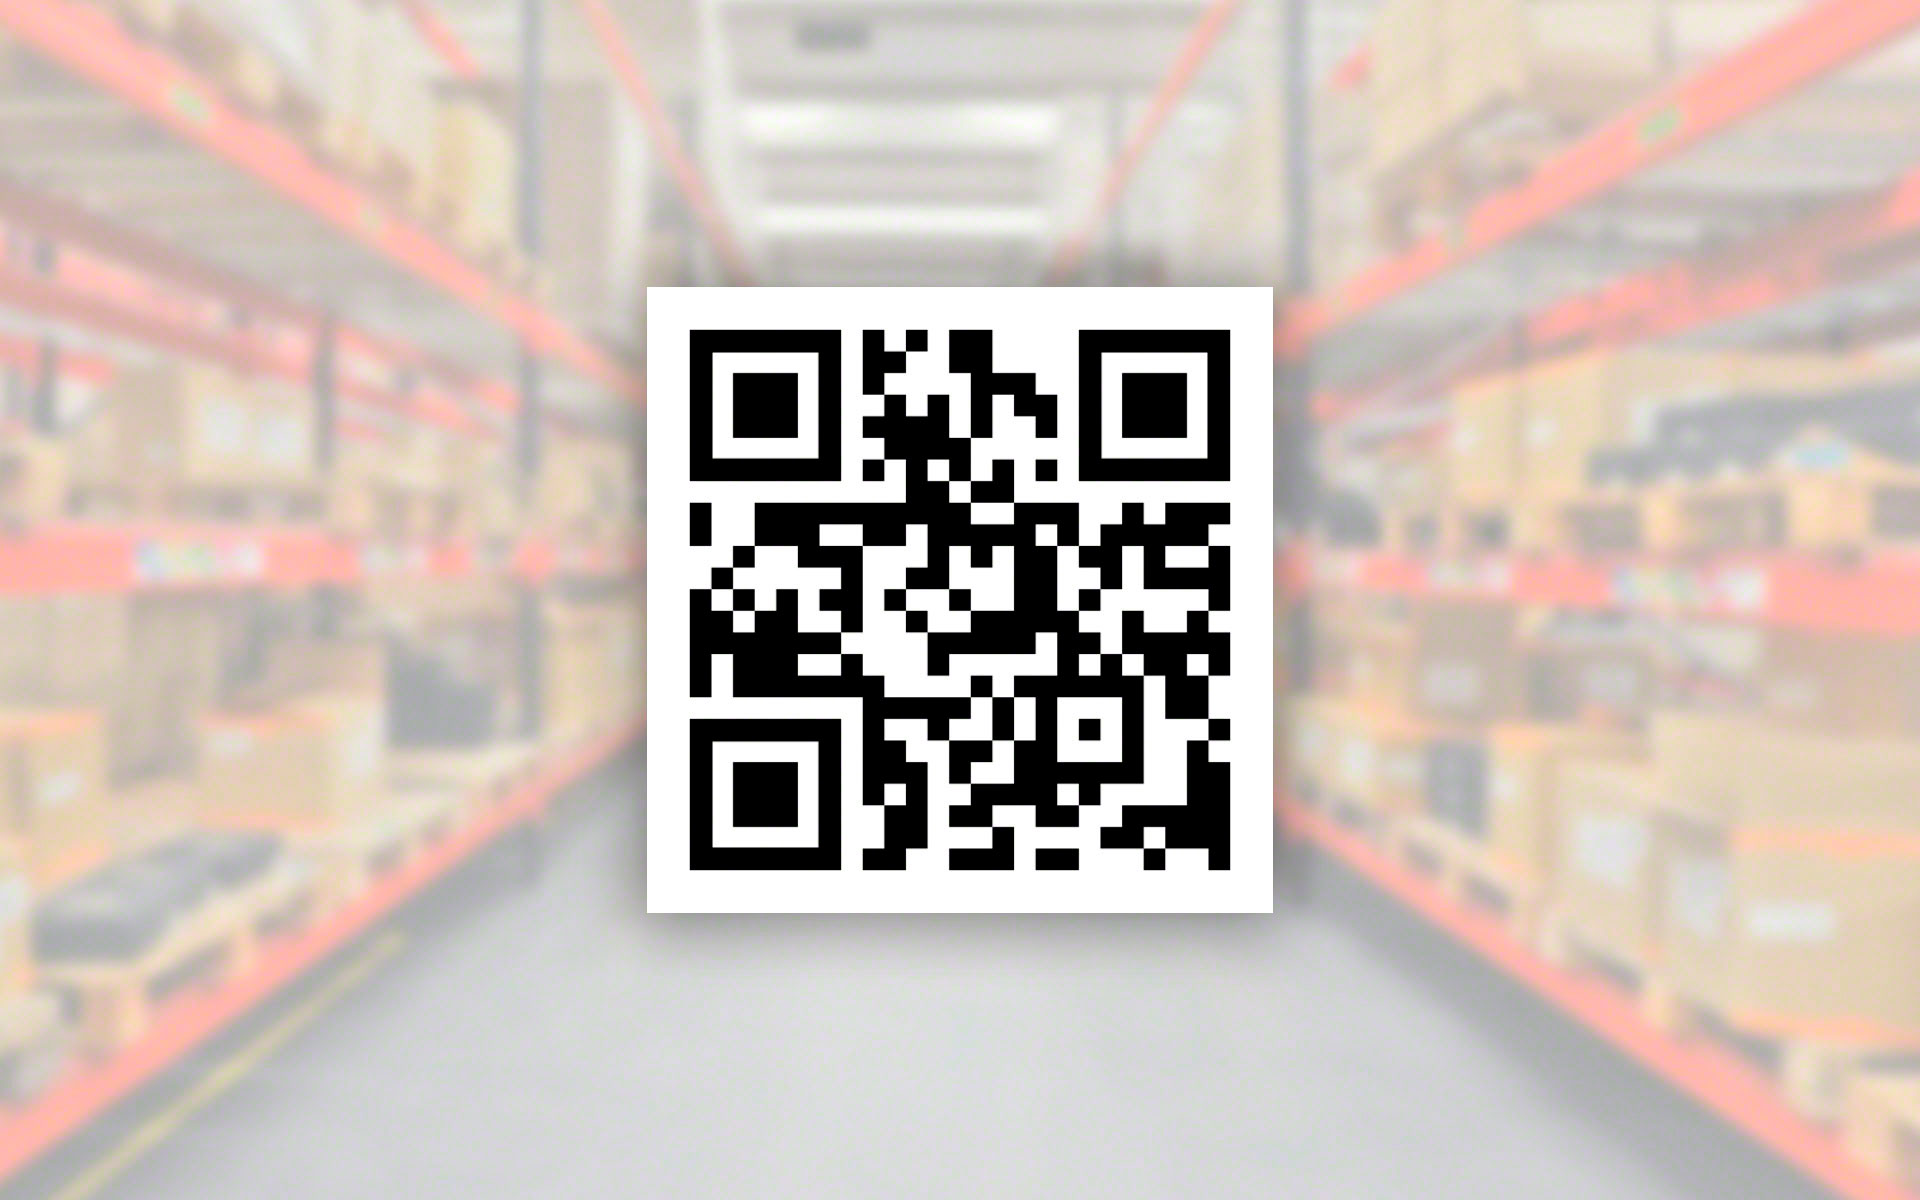 I codici QR logistici forniscono informazioni più dettagliate sui prodotti rispetto ai codici a barre